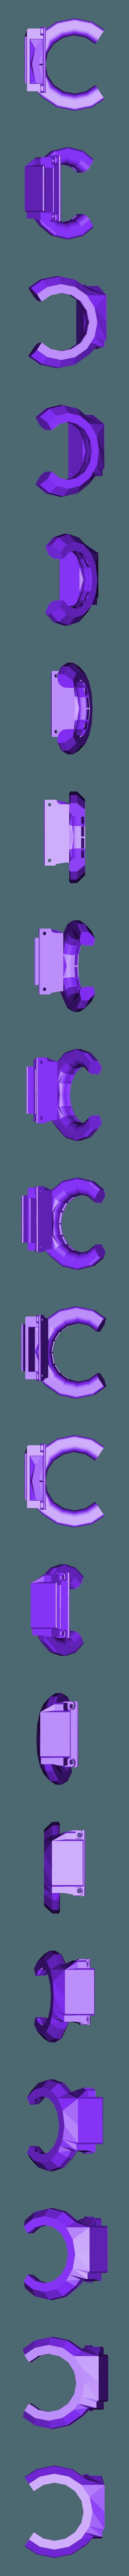 Anycubic_Chiron_Extruder_fan_cooler.stl Télécharger fichier STL gratuit Refroidisseur de conduit de ventilateur Anycubic Chiron Extruder • Design pour imprimante 3D, dincaionclaudiu